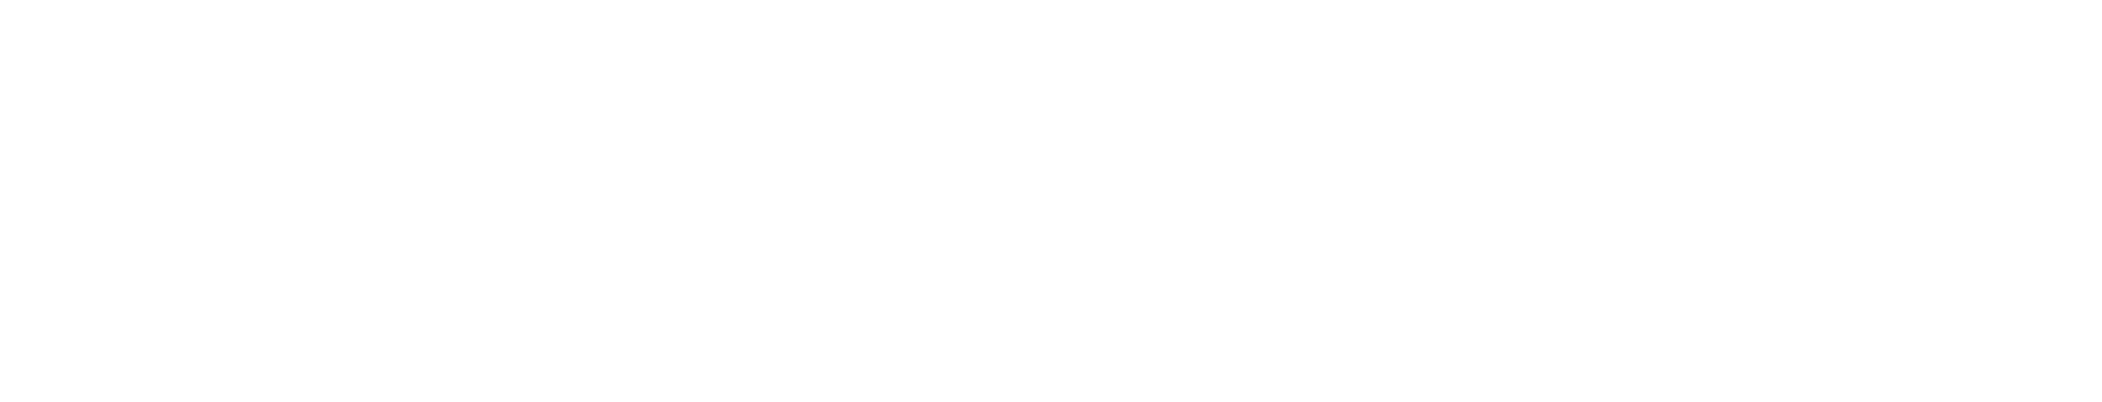 partenaires-icone